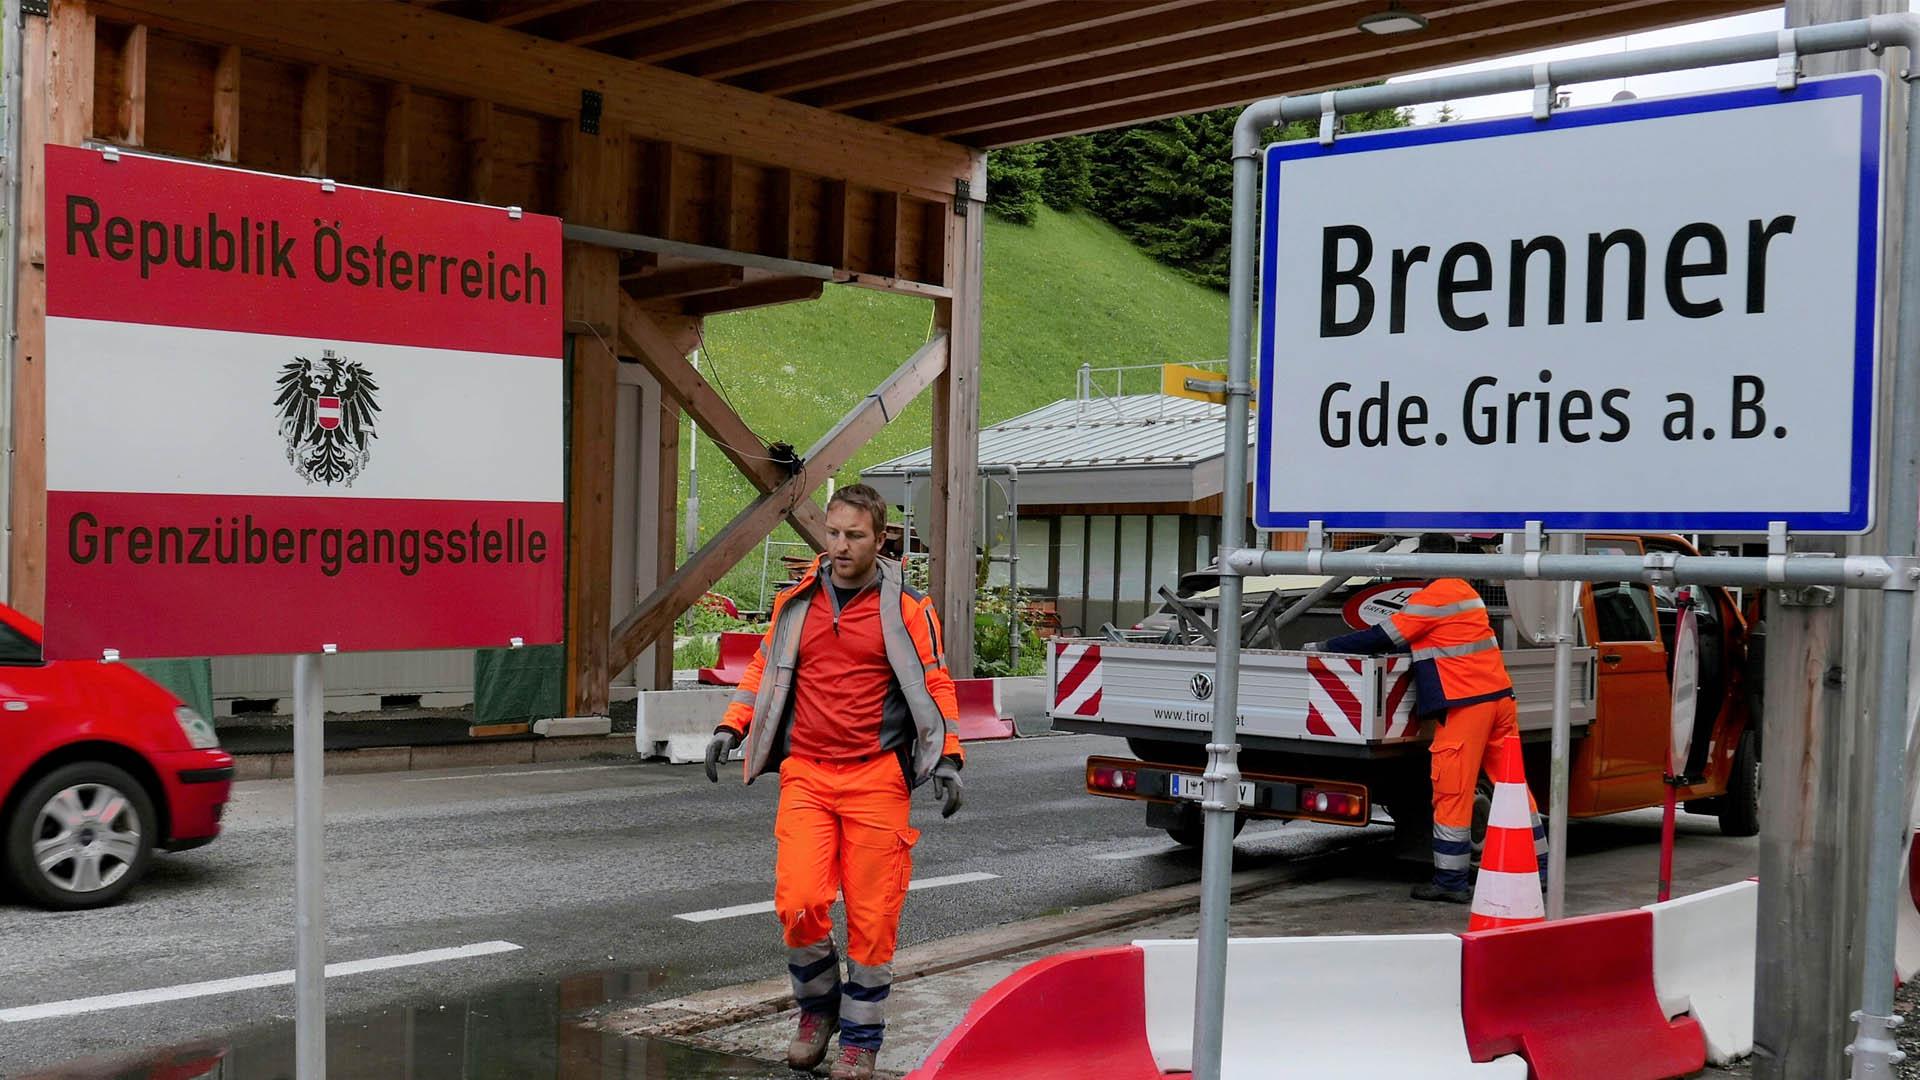 Der_Brenner_Freie_Fahrt_nach_Sueden_02